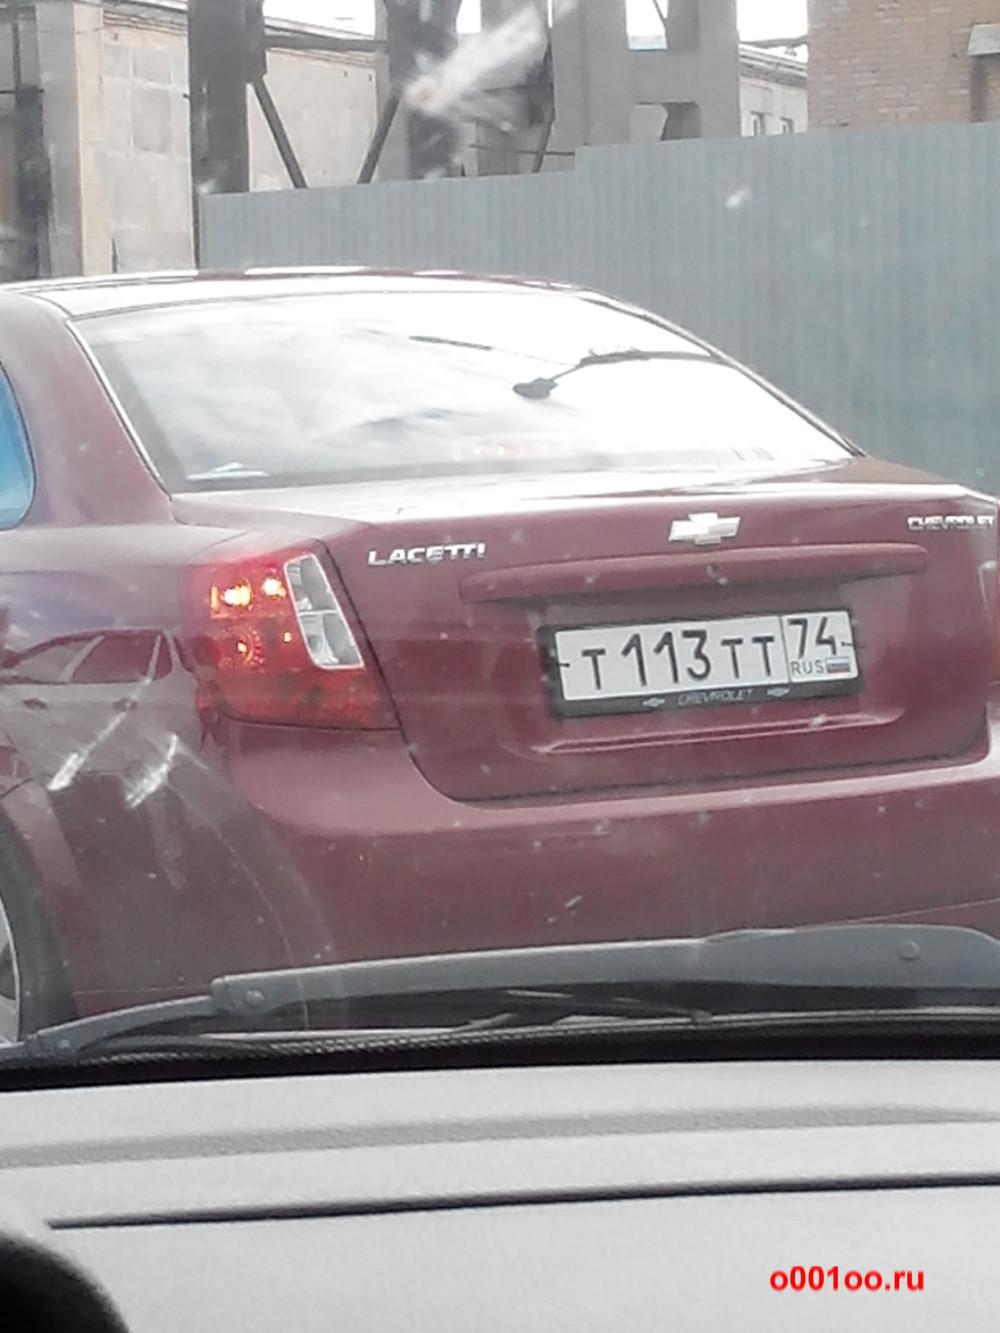 Т113ТТ74